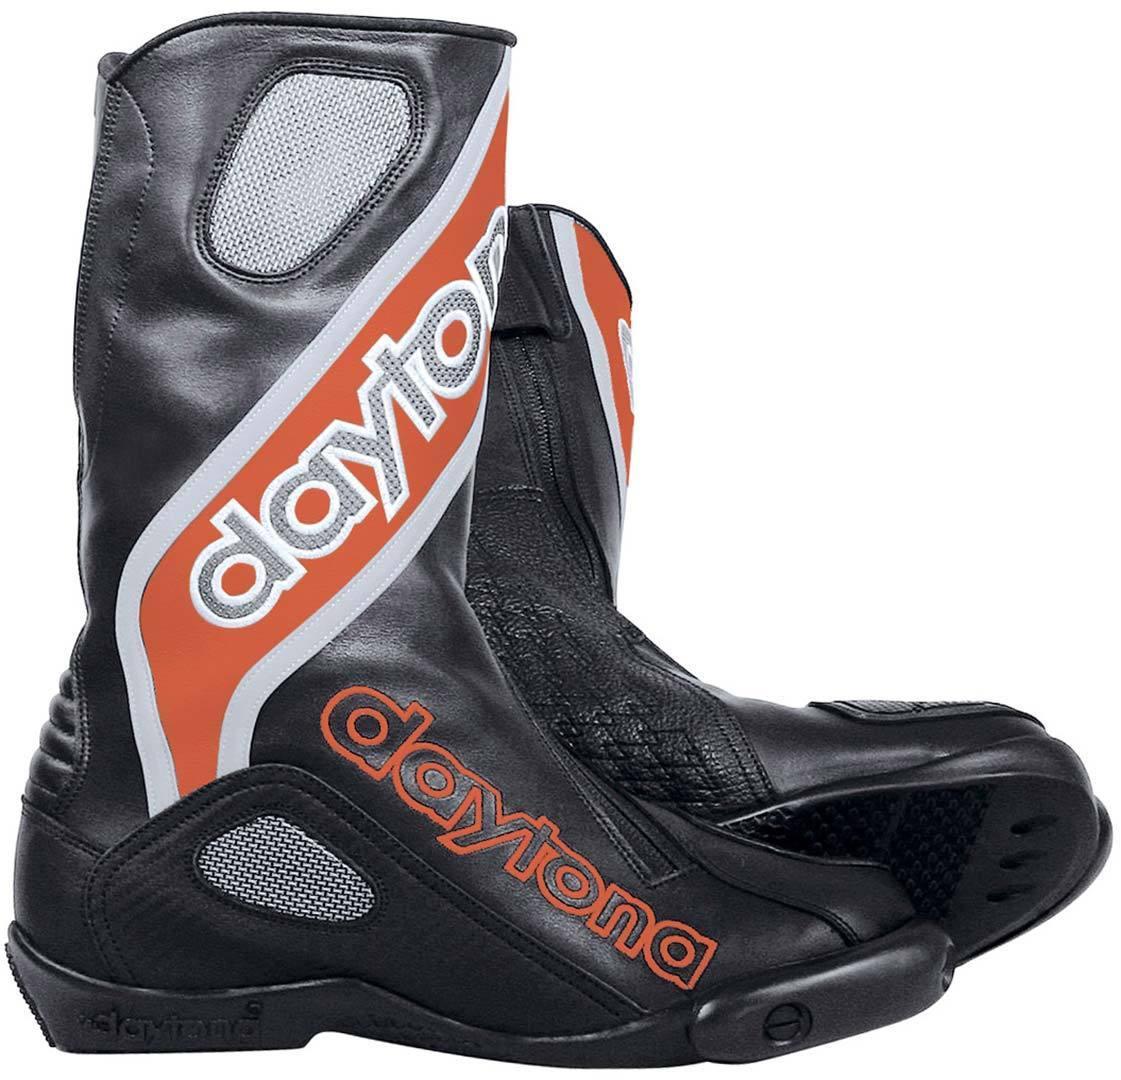 Daytona Evo-Sports GTX Gore-Tex wasserdichte Motorradstiefel, schwarz-rot, Größe 44, schwarz-rot, Größe 44